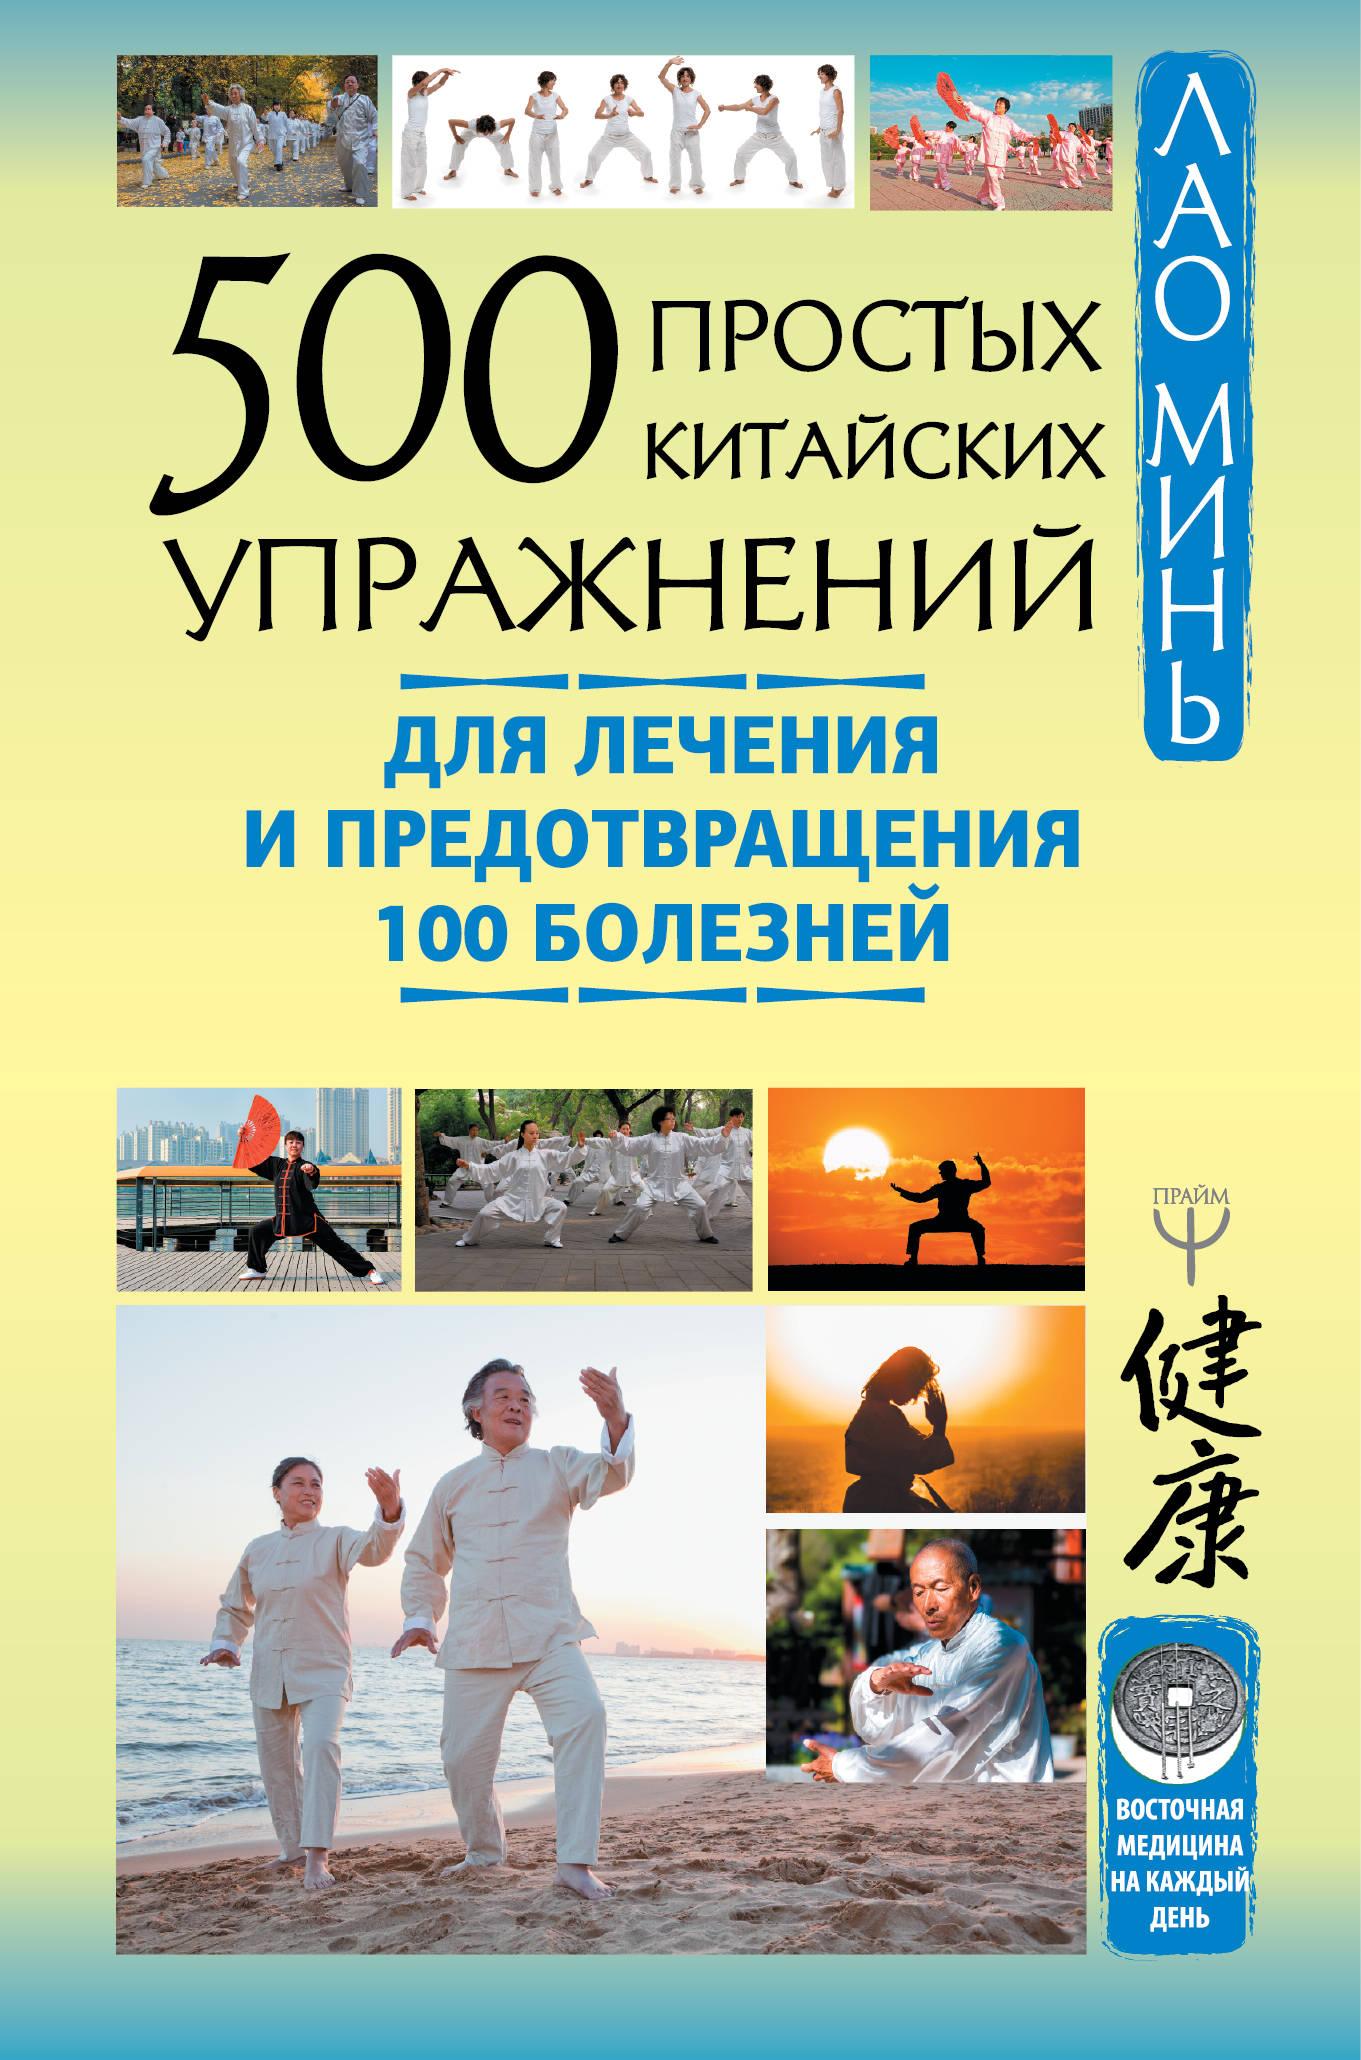 500 prostykh kitajskikh uprazhnenij dlja lechenija i predotvraschenija 100 boleznej